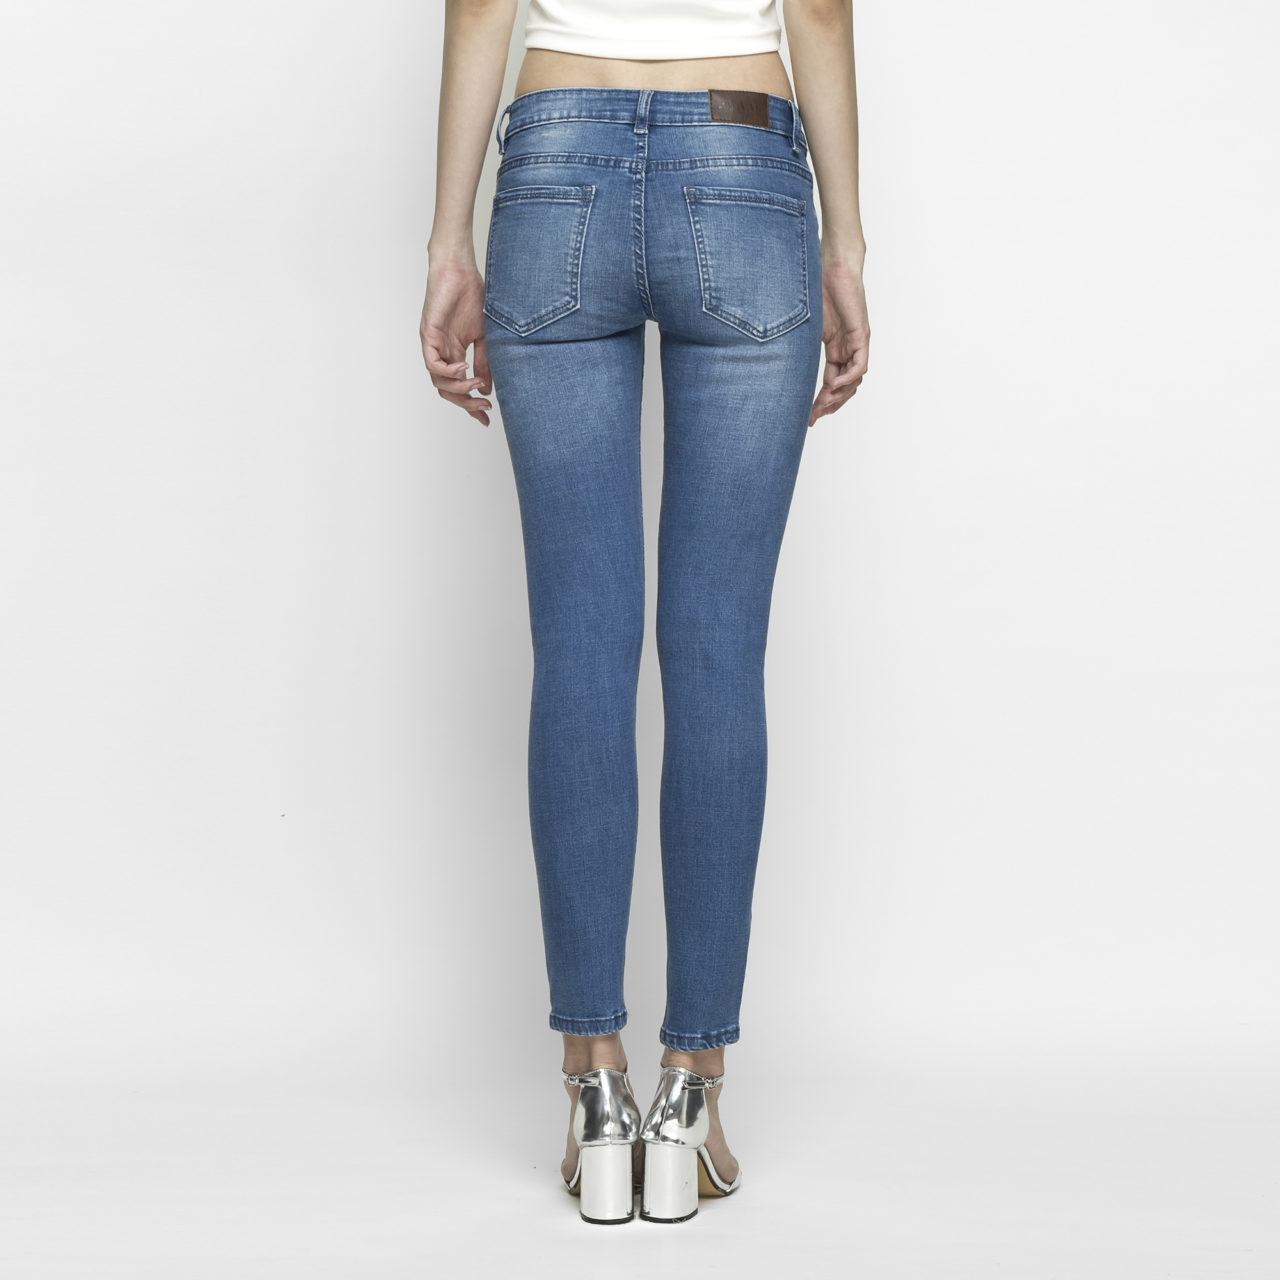 Hình ảnh Quần jeans nữ skinny xanh biển 4